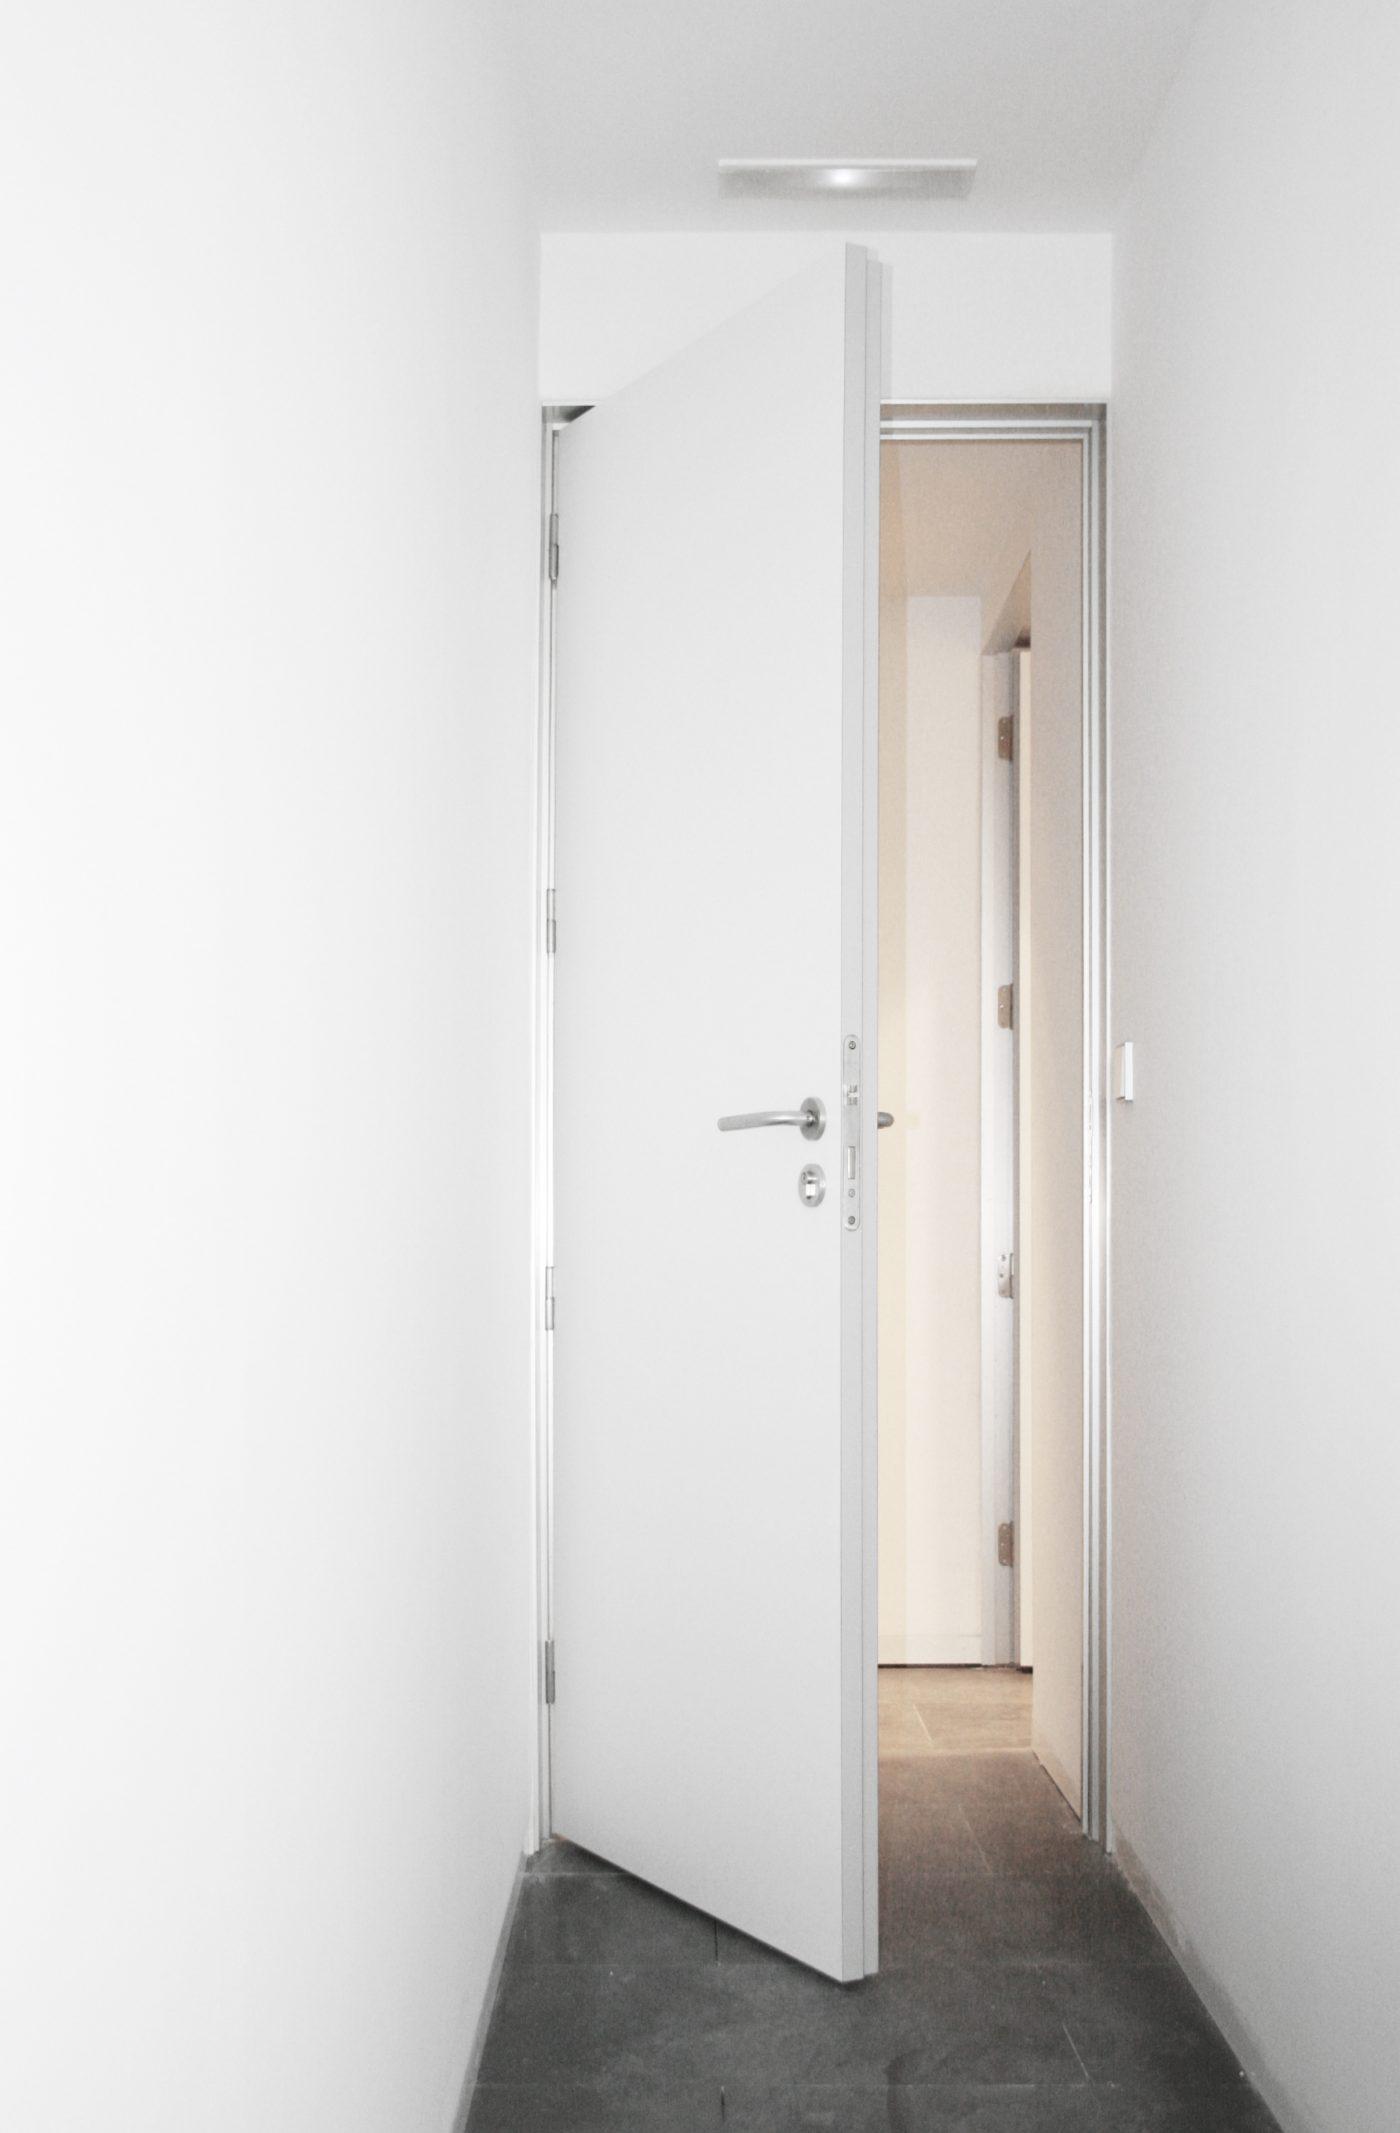 Puerta Lacada En Blanco Precio De Puertas Lacadas En Blanco  ~ Precio Puerta Lacada Blanca Instalada